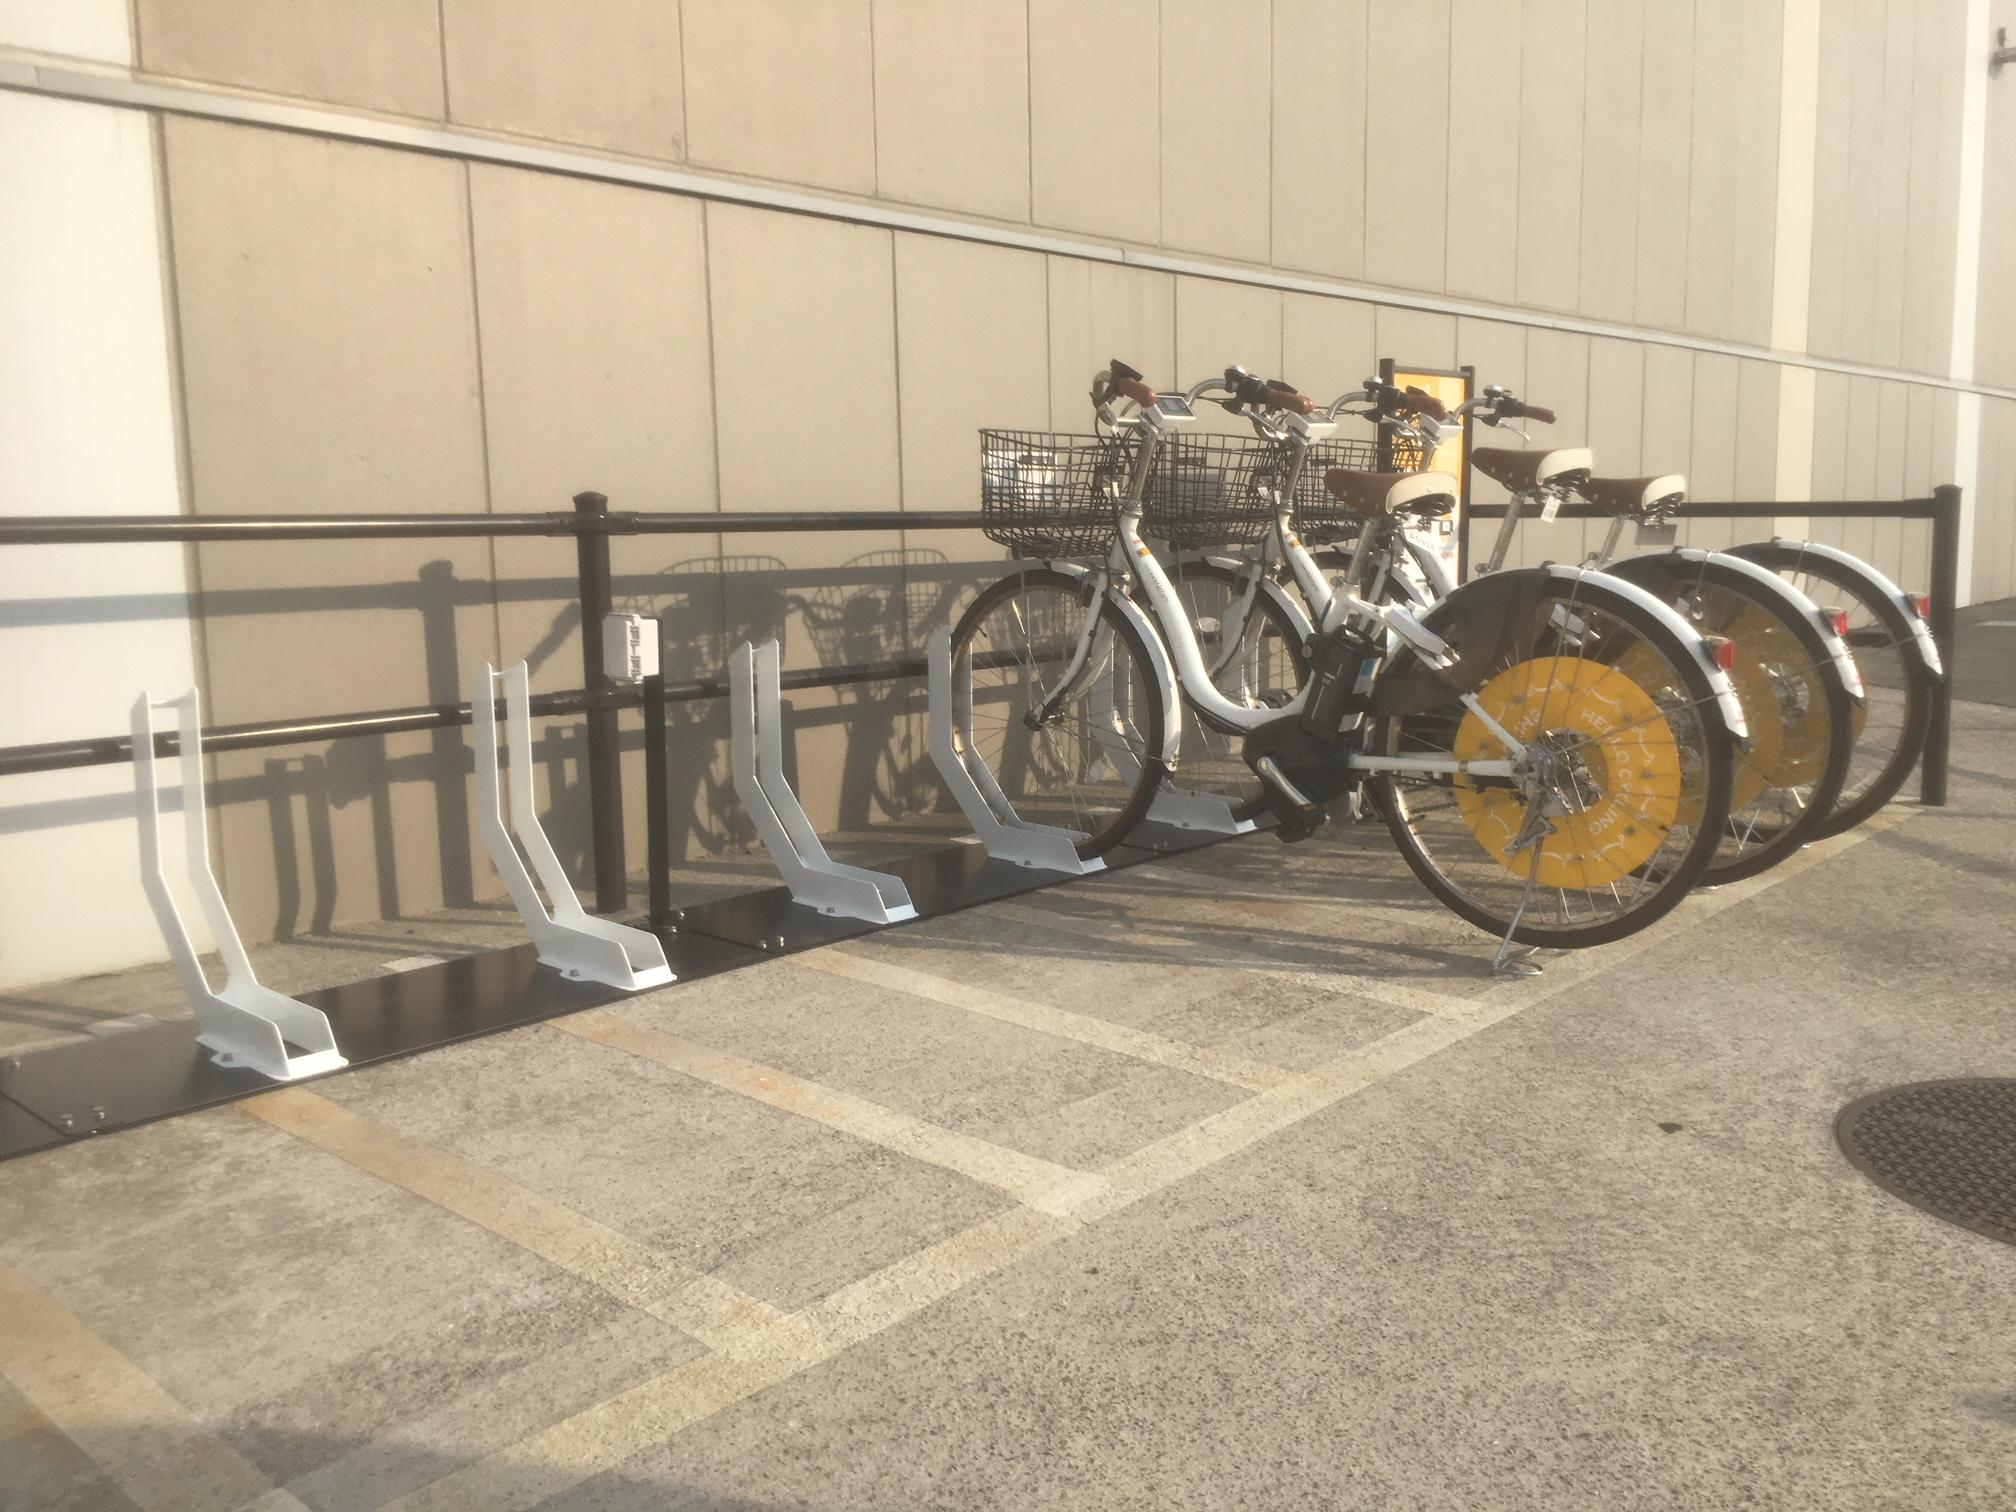 イオンモール幕張新都心 ファミリーモール西 (HELLO CYCLING ポート) image